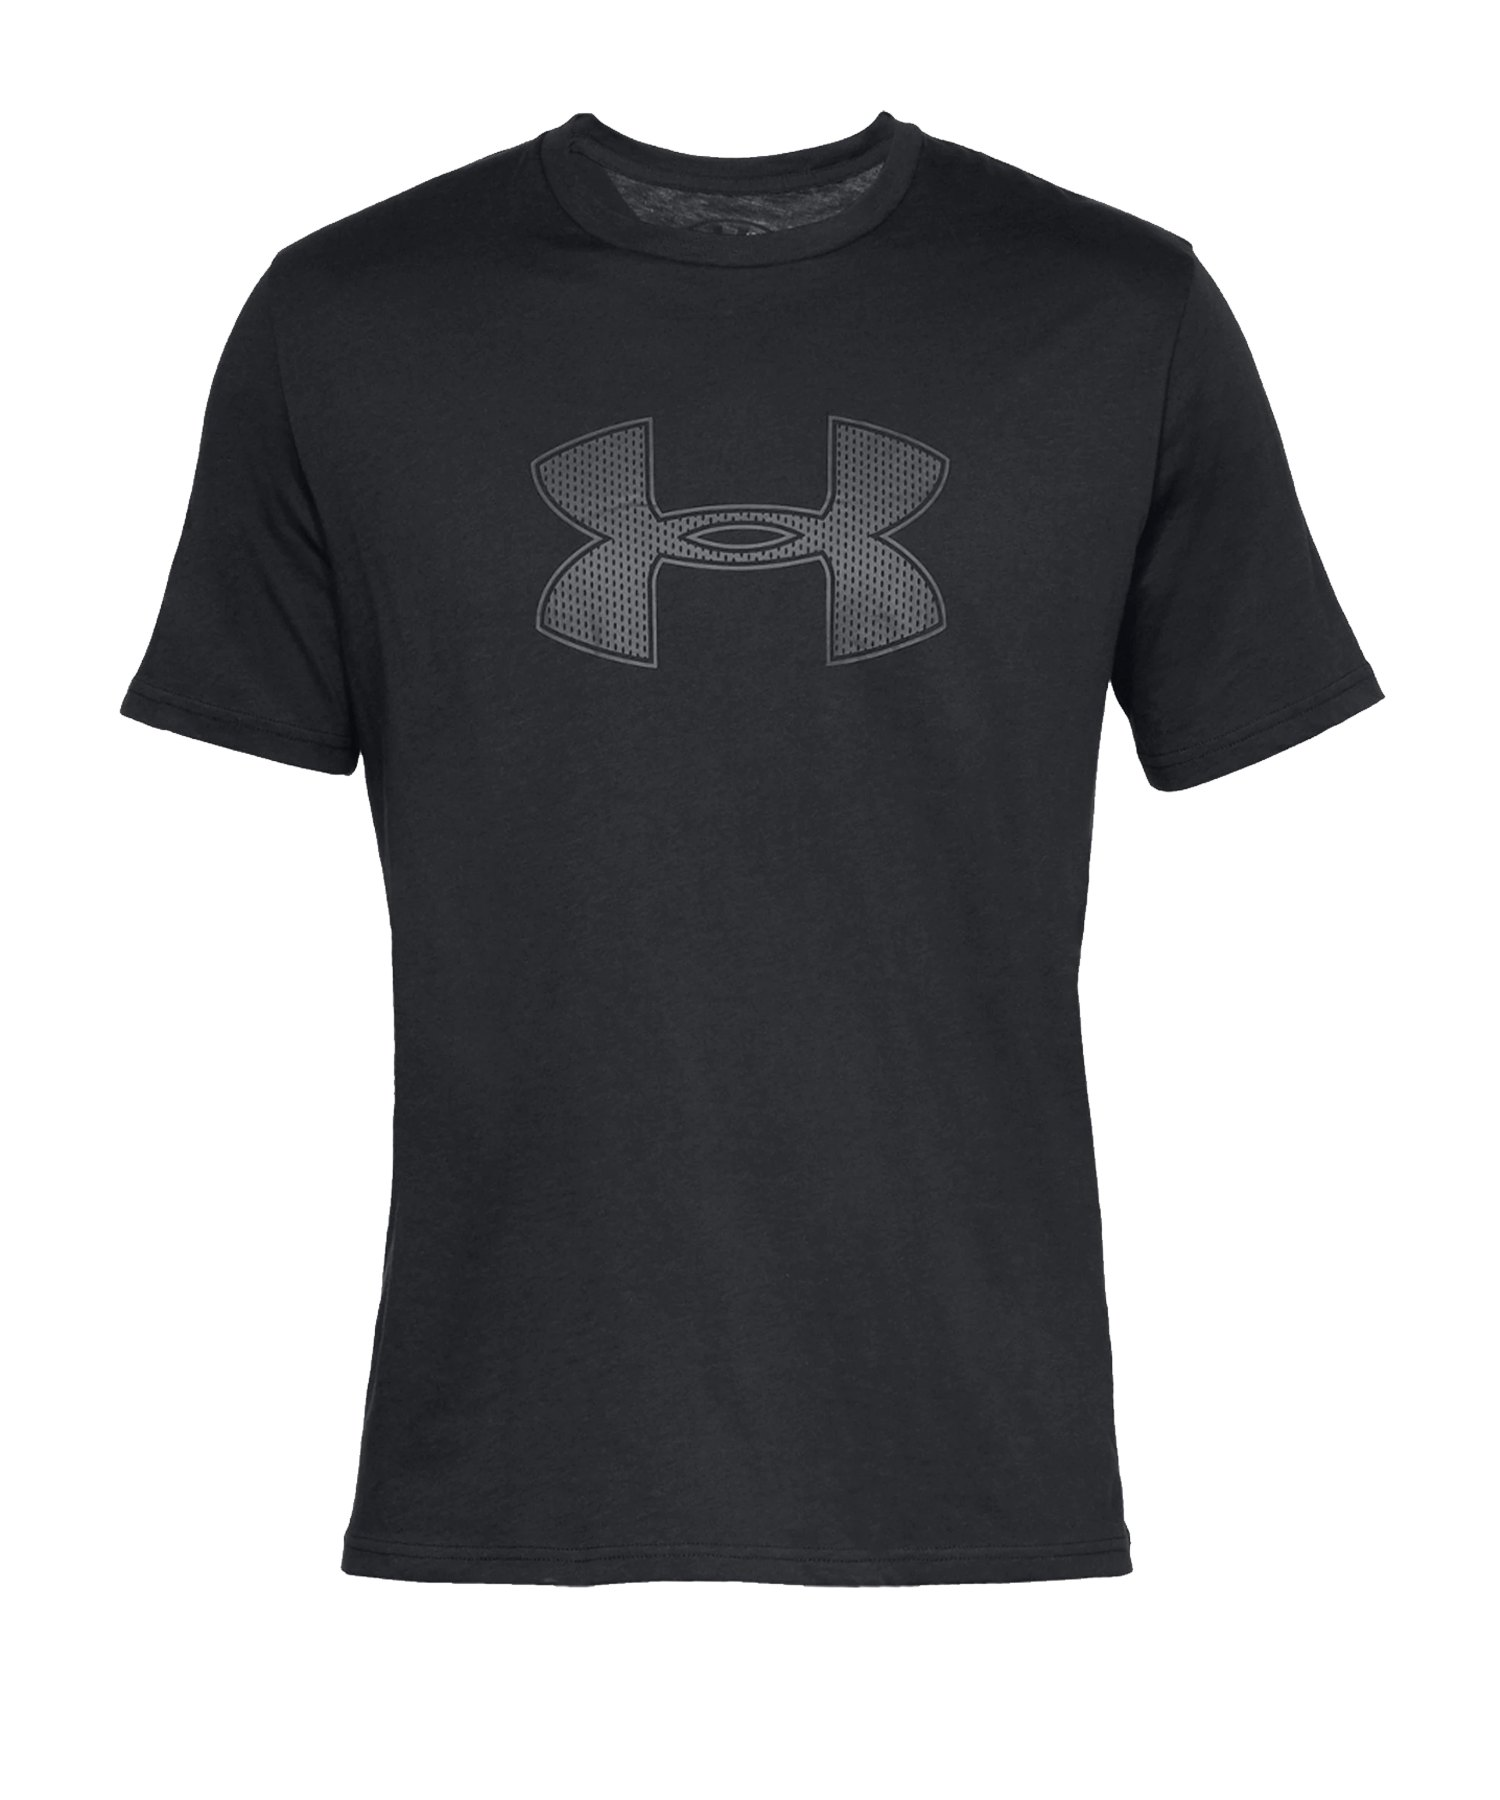 Under Armour Big Logo T-Shirt Schwarz F001 - schwarz